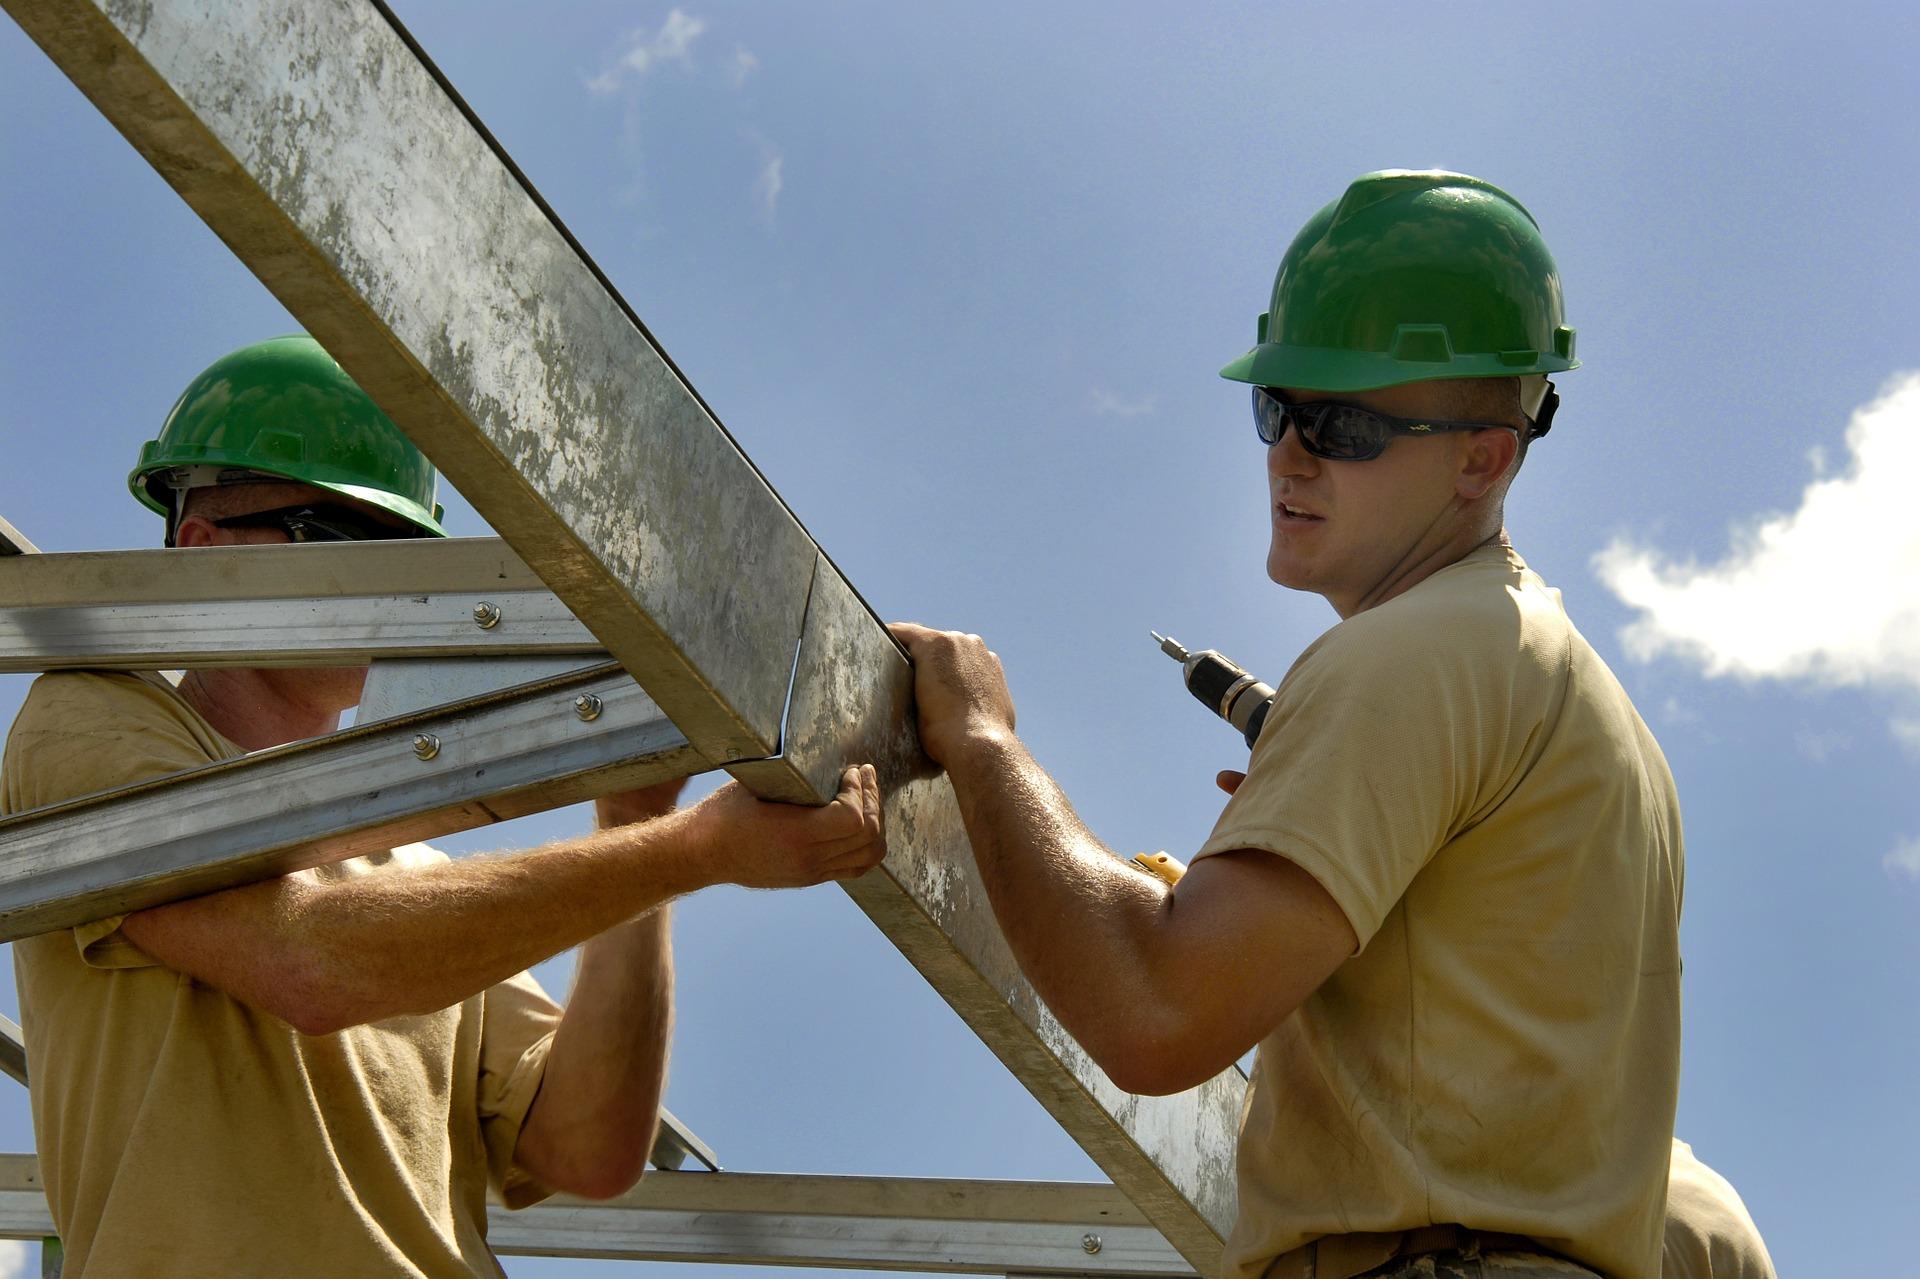 Szkolenie okresowe bhp pracowników budowlanych